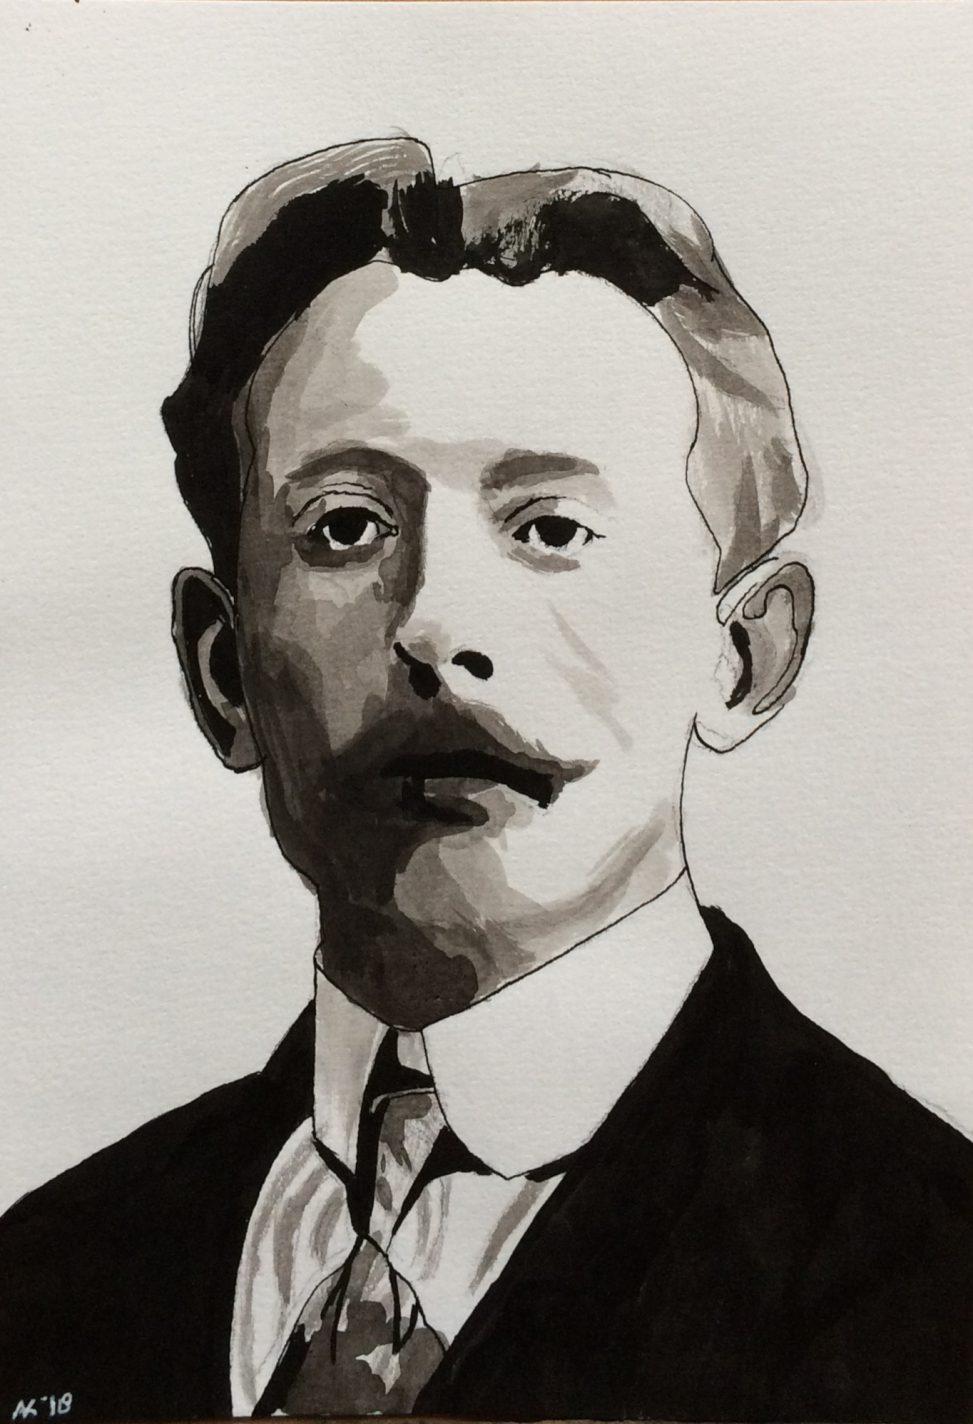 734 - portrait